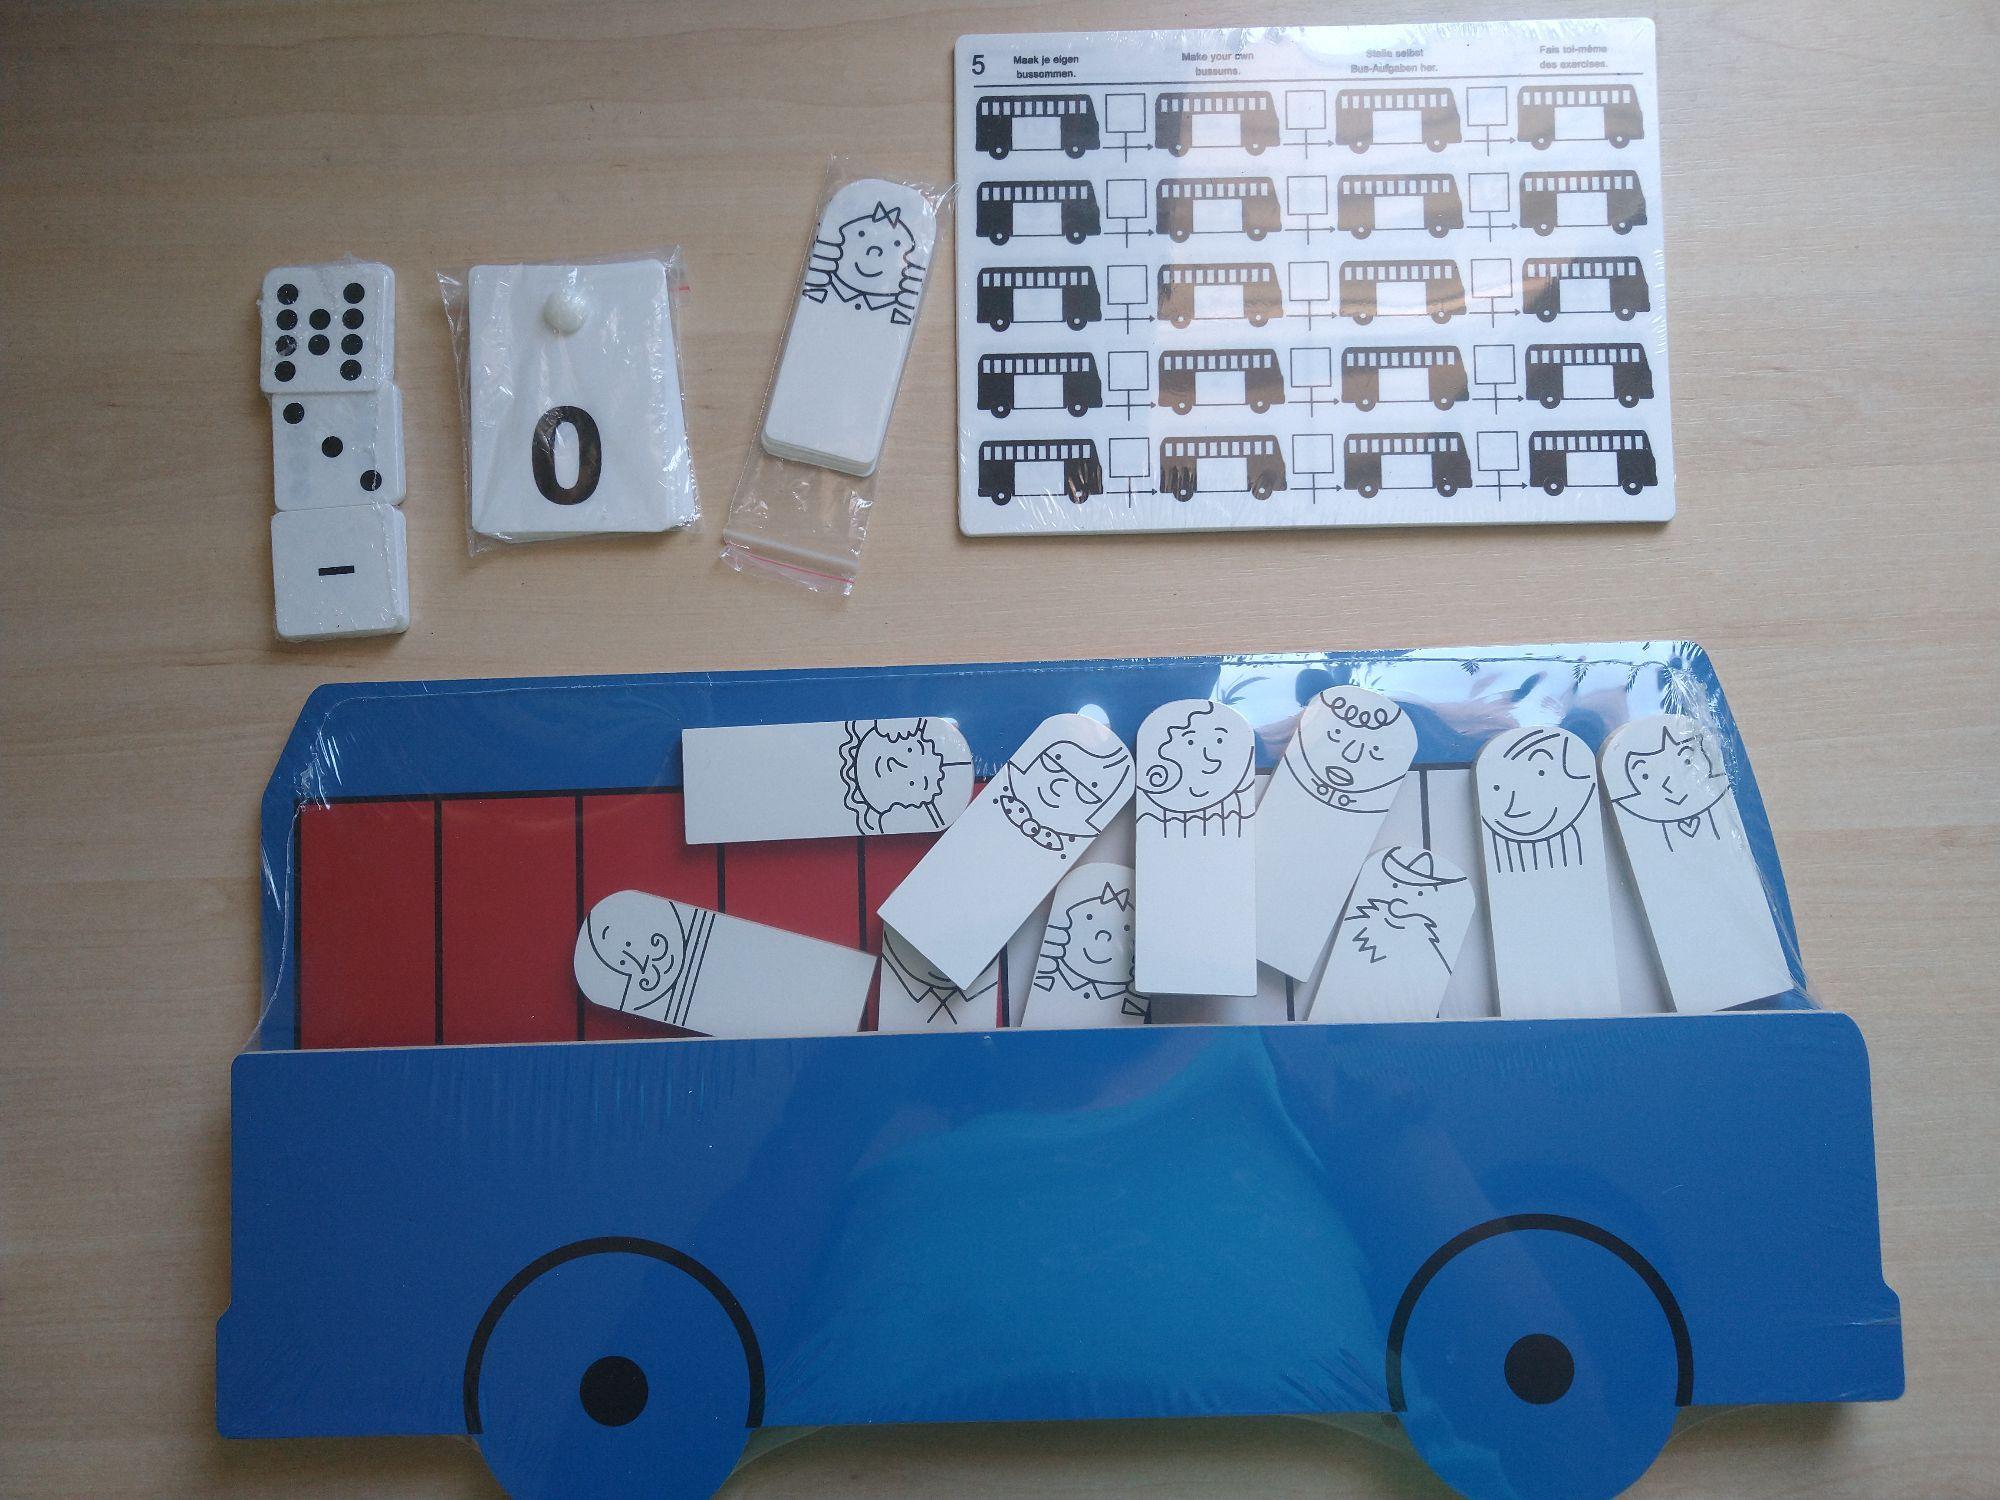 Nieuw: Bus sommen oefenen